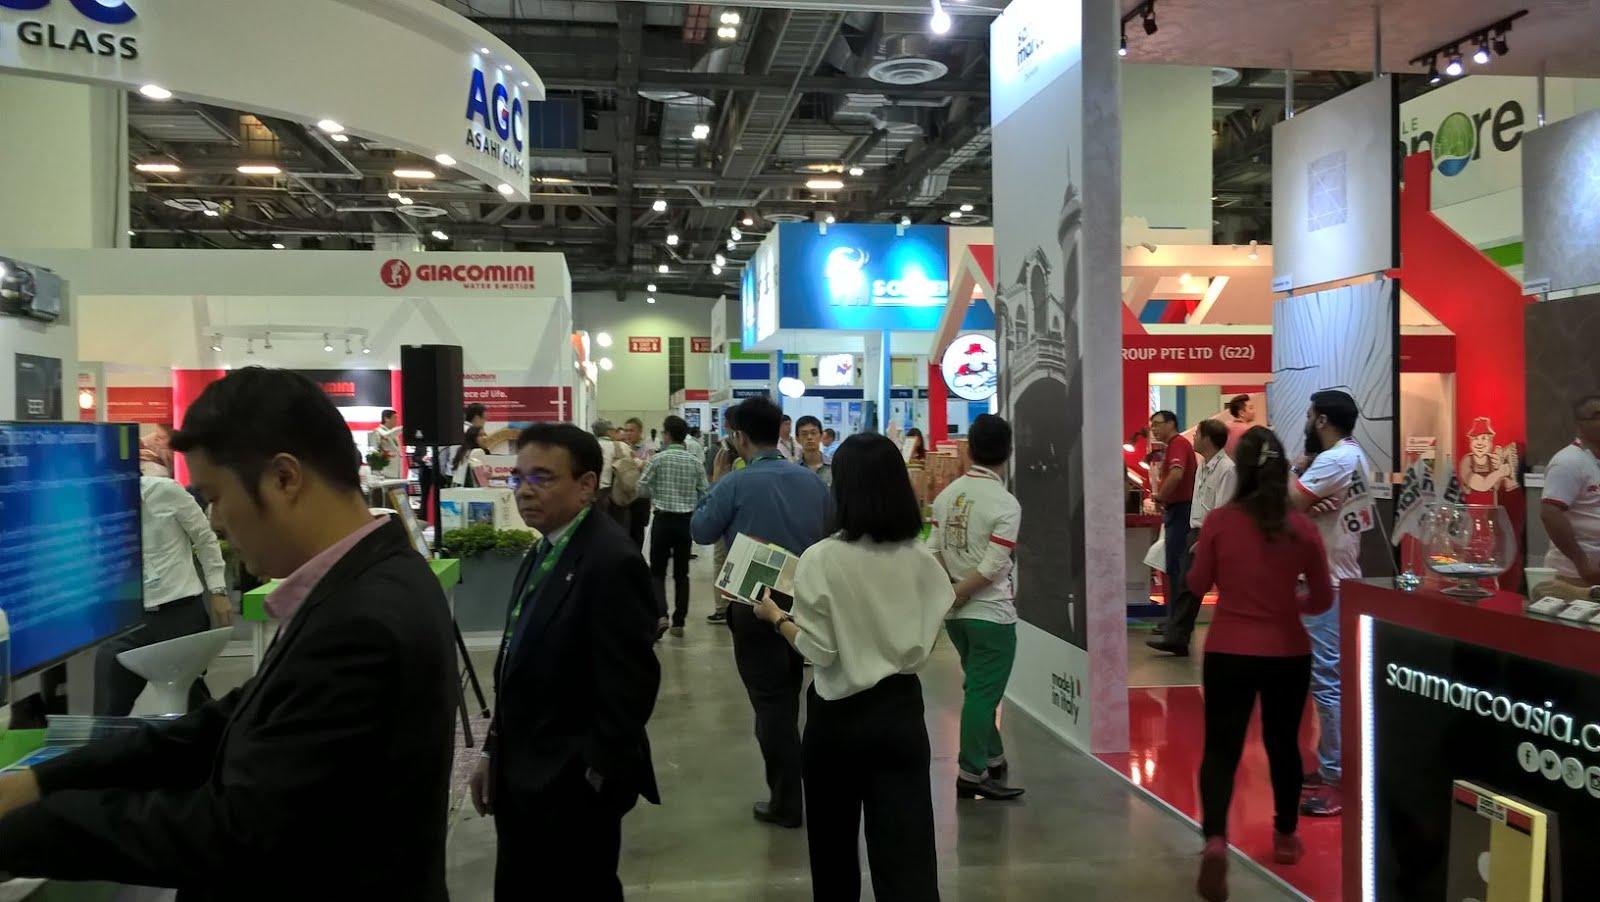 Incontri Eventi a Singapore incontri piercing sito